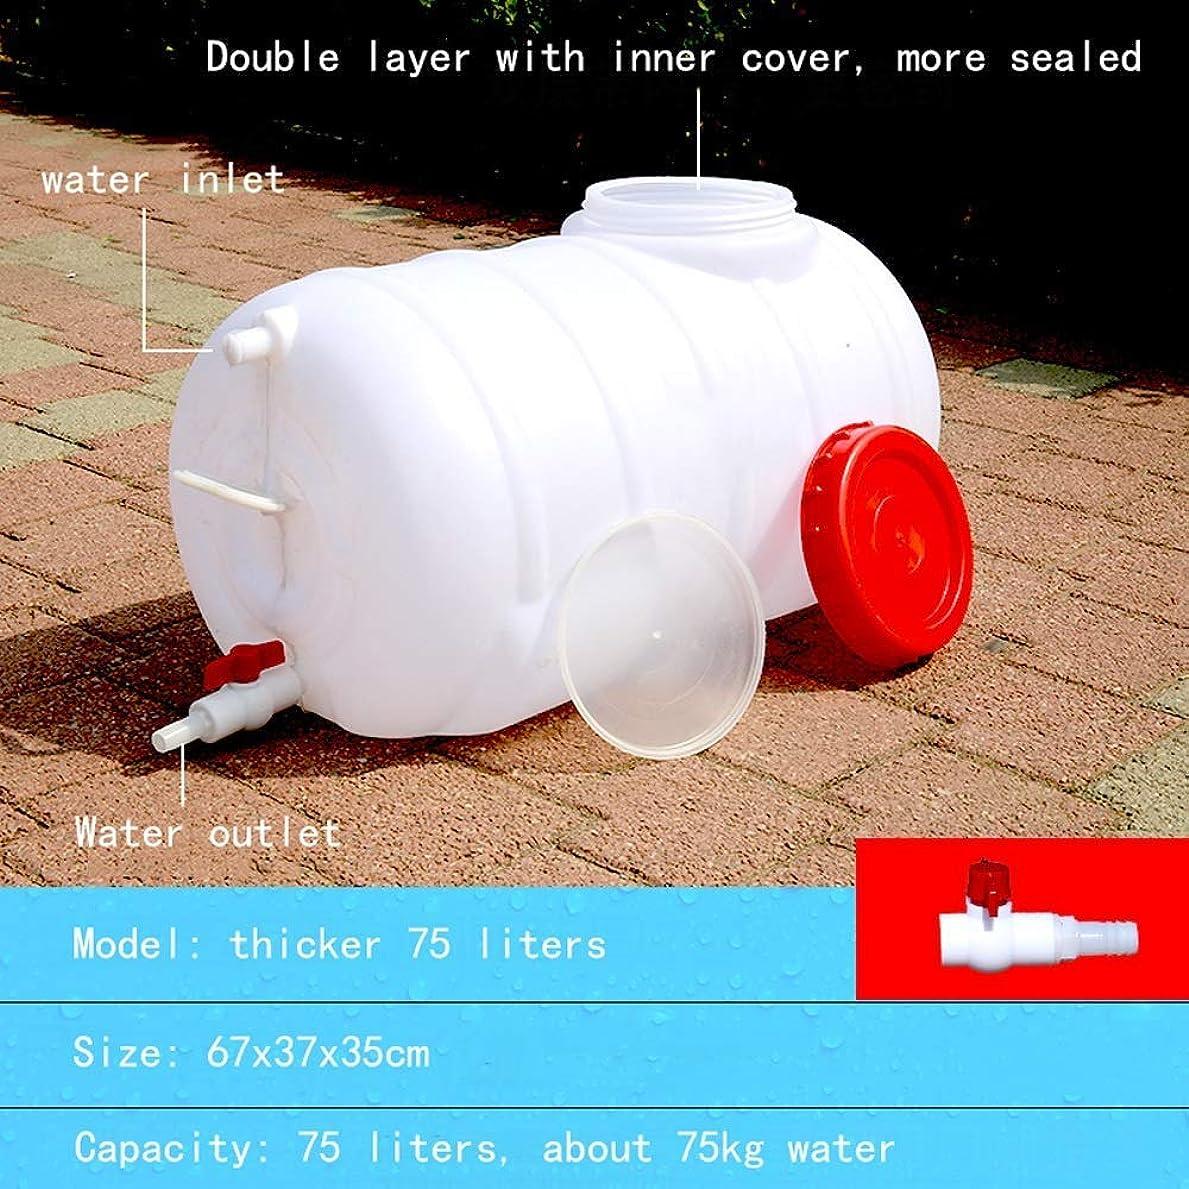 一瞬ロンドン因子太いラウンド - ふたプラスチック家庭の水バケツ水タンク大食品グレードスクエア水バケツで水のストレージバケツプラスチックバケツバケツ (Size : A)